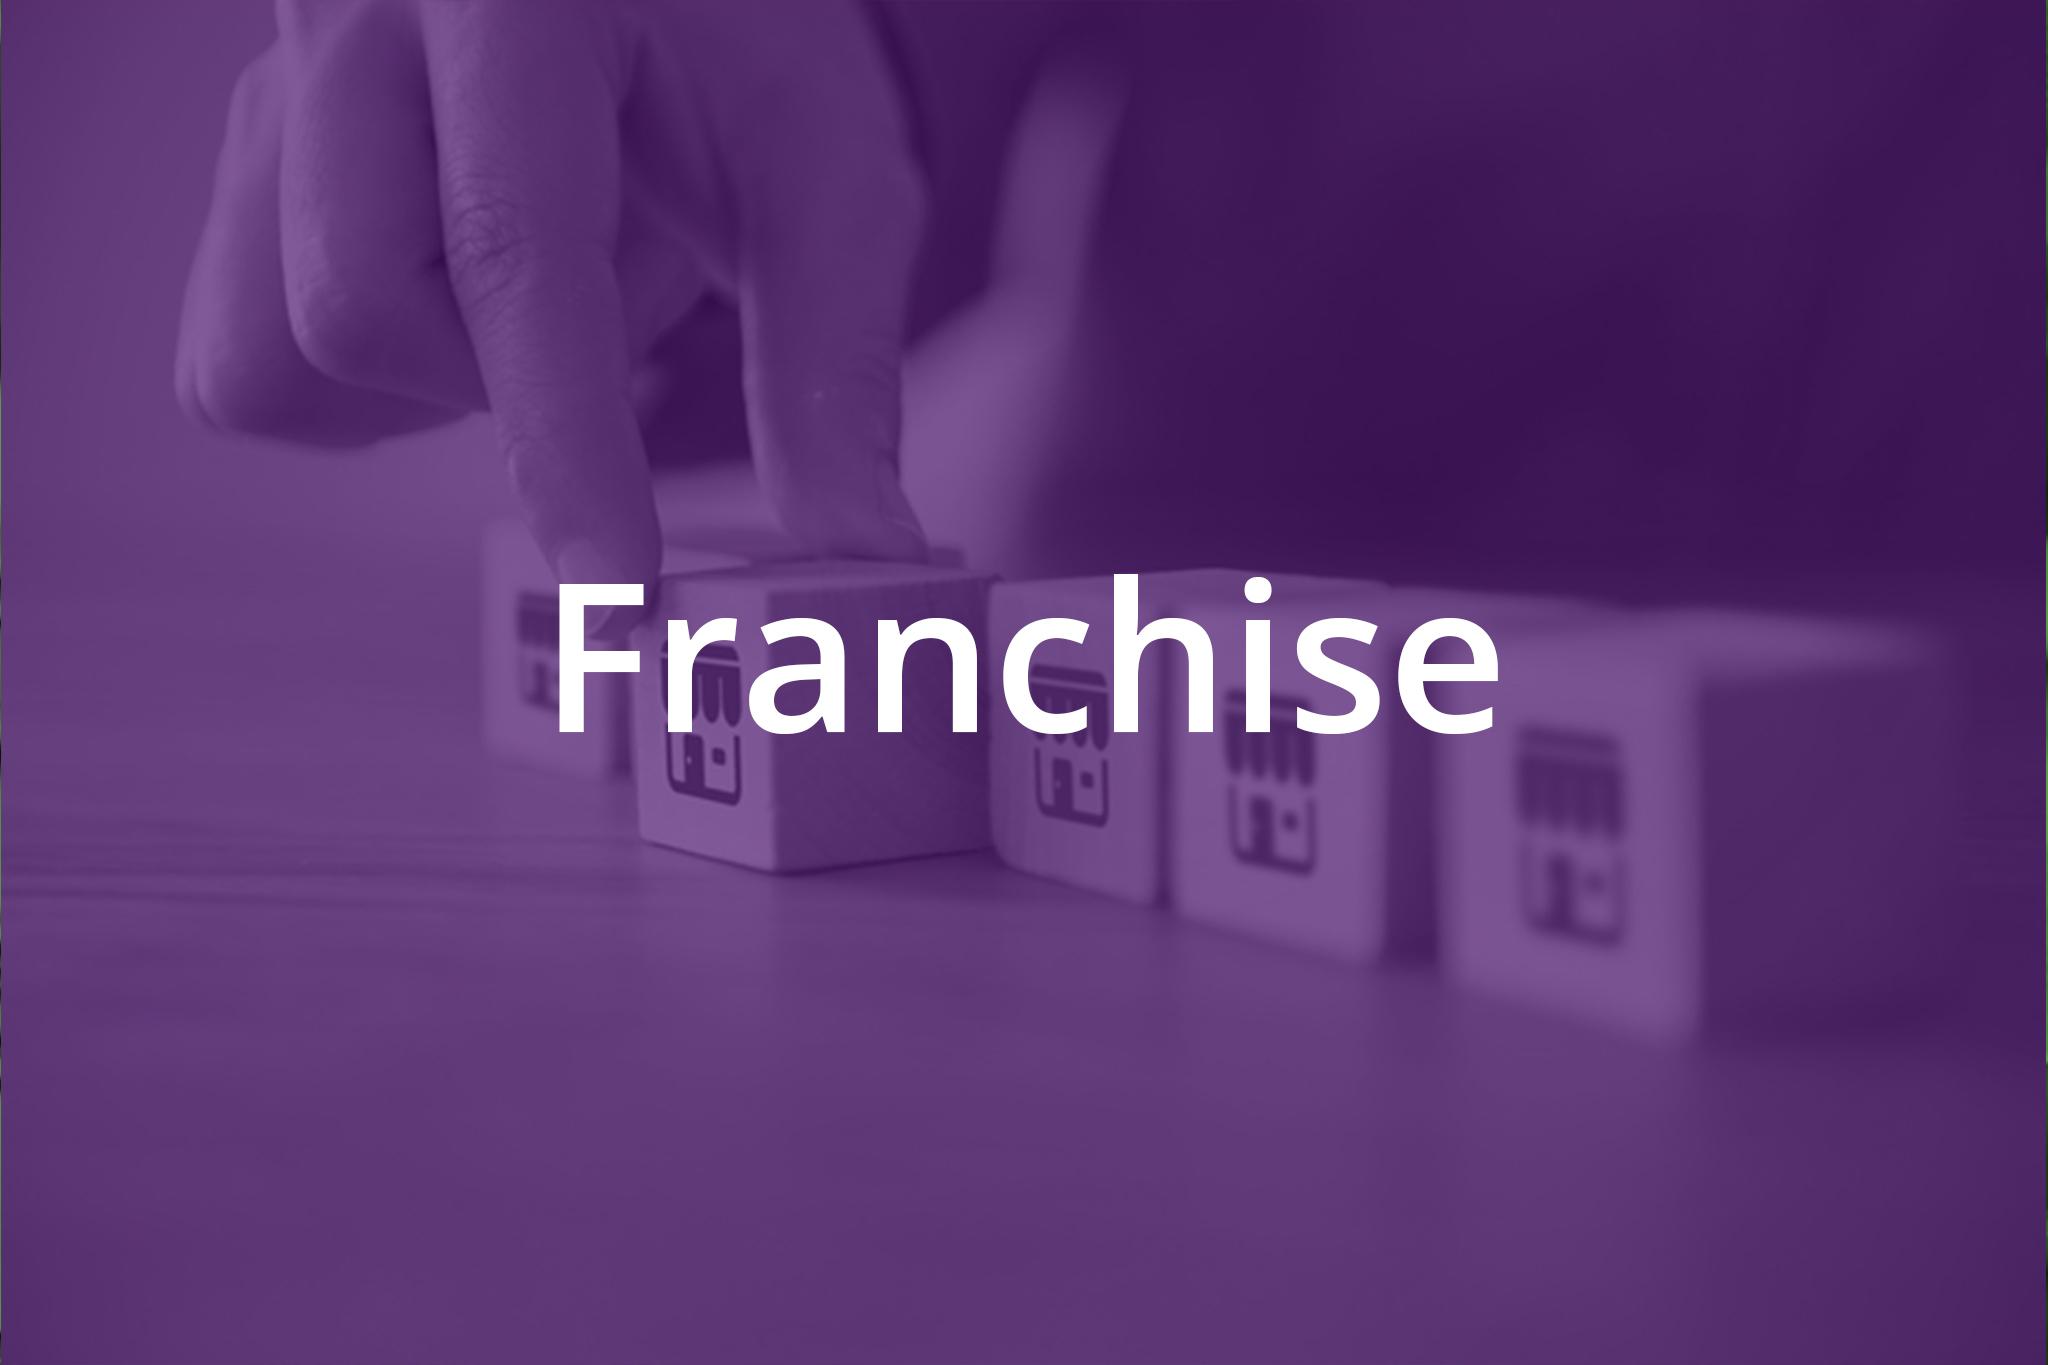 franchise .jpg